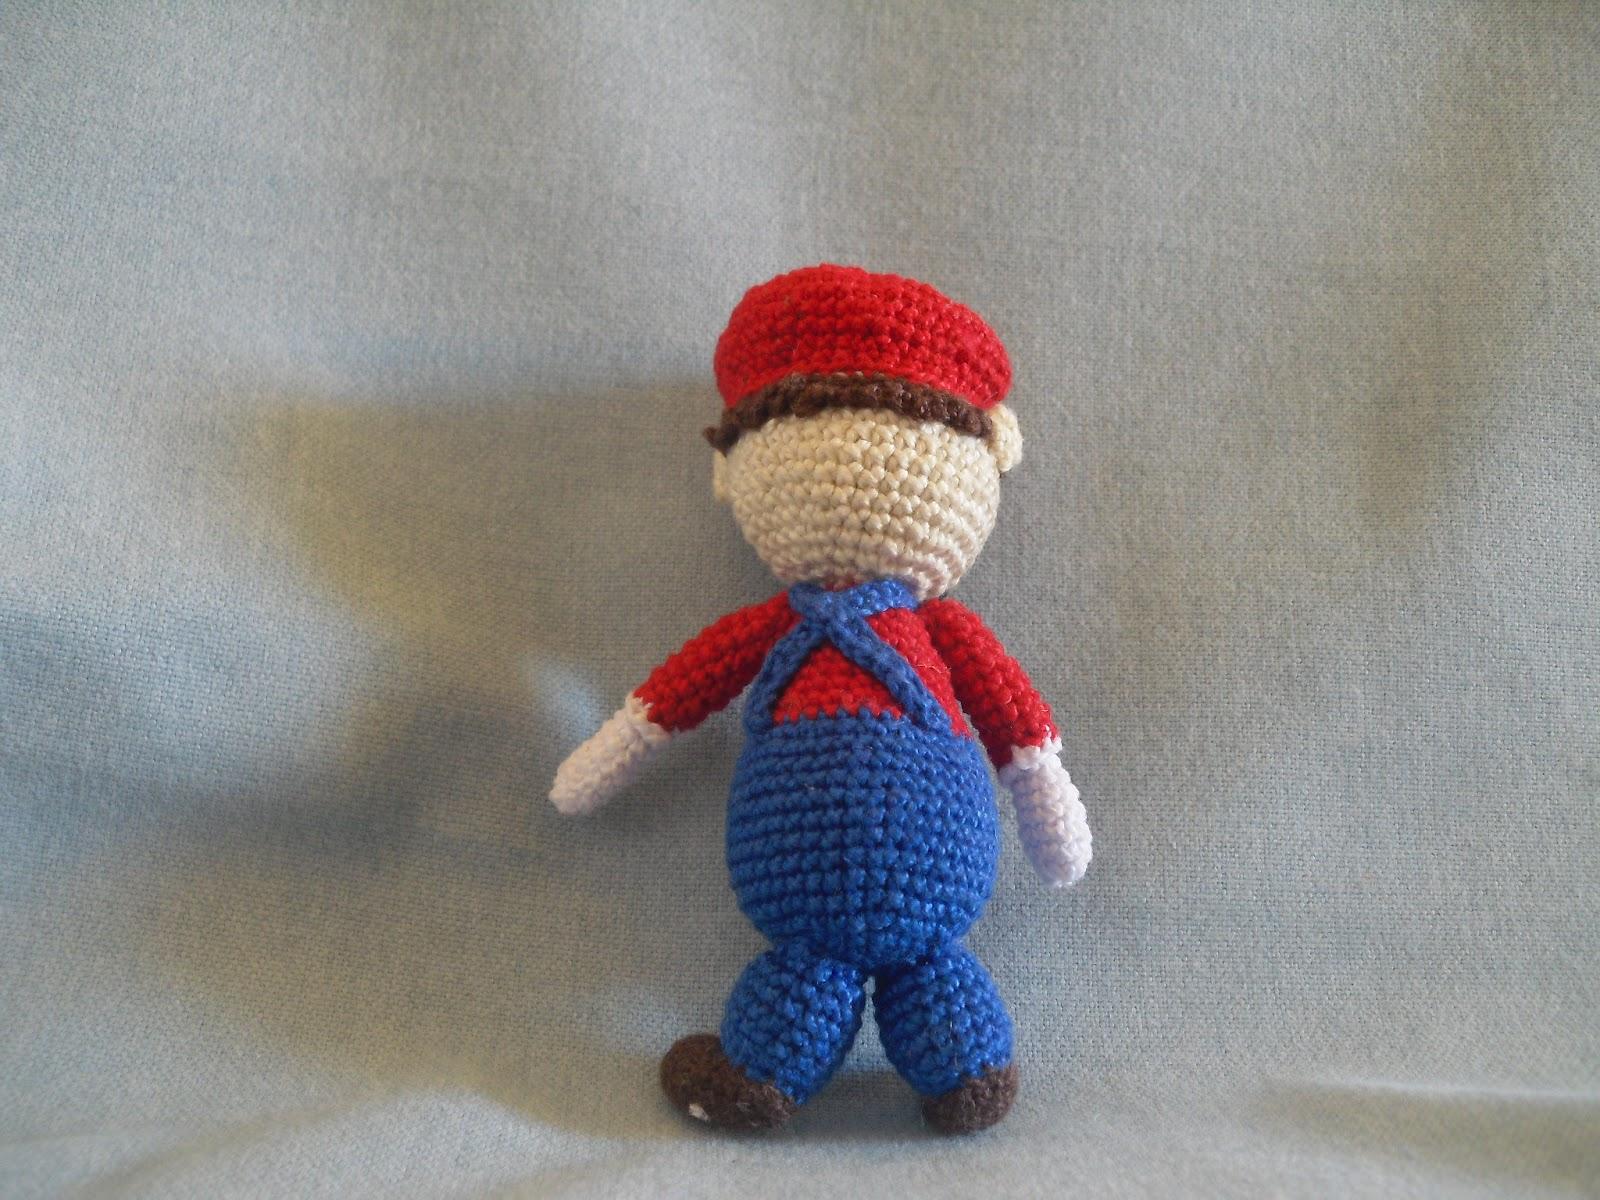 Patron Amigurumi Mario Bros En Espanol : Amigurumis en espanol: Super Mario Bros Amigurumi